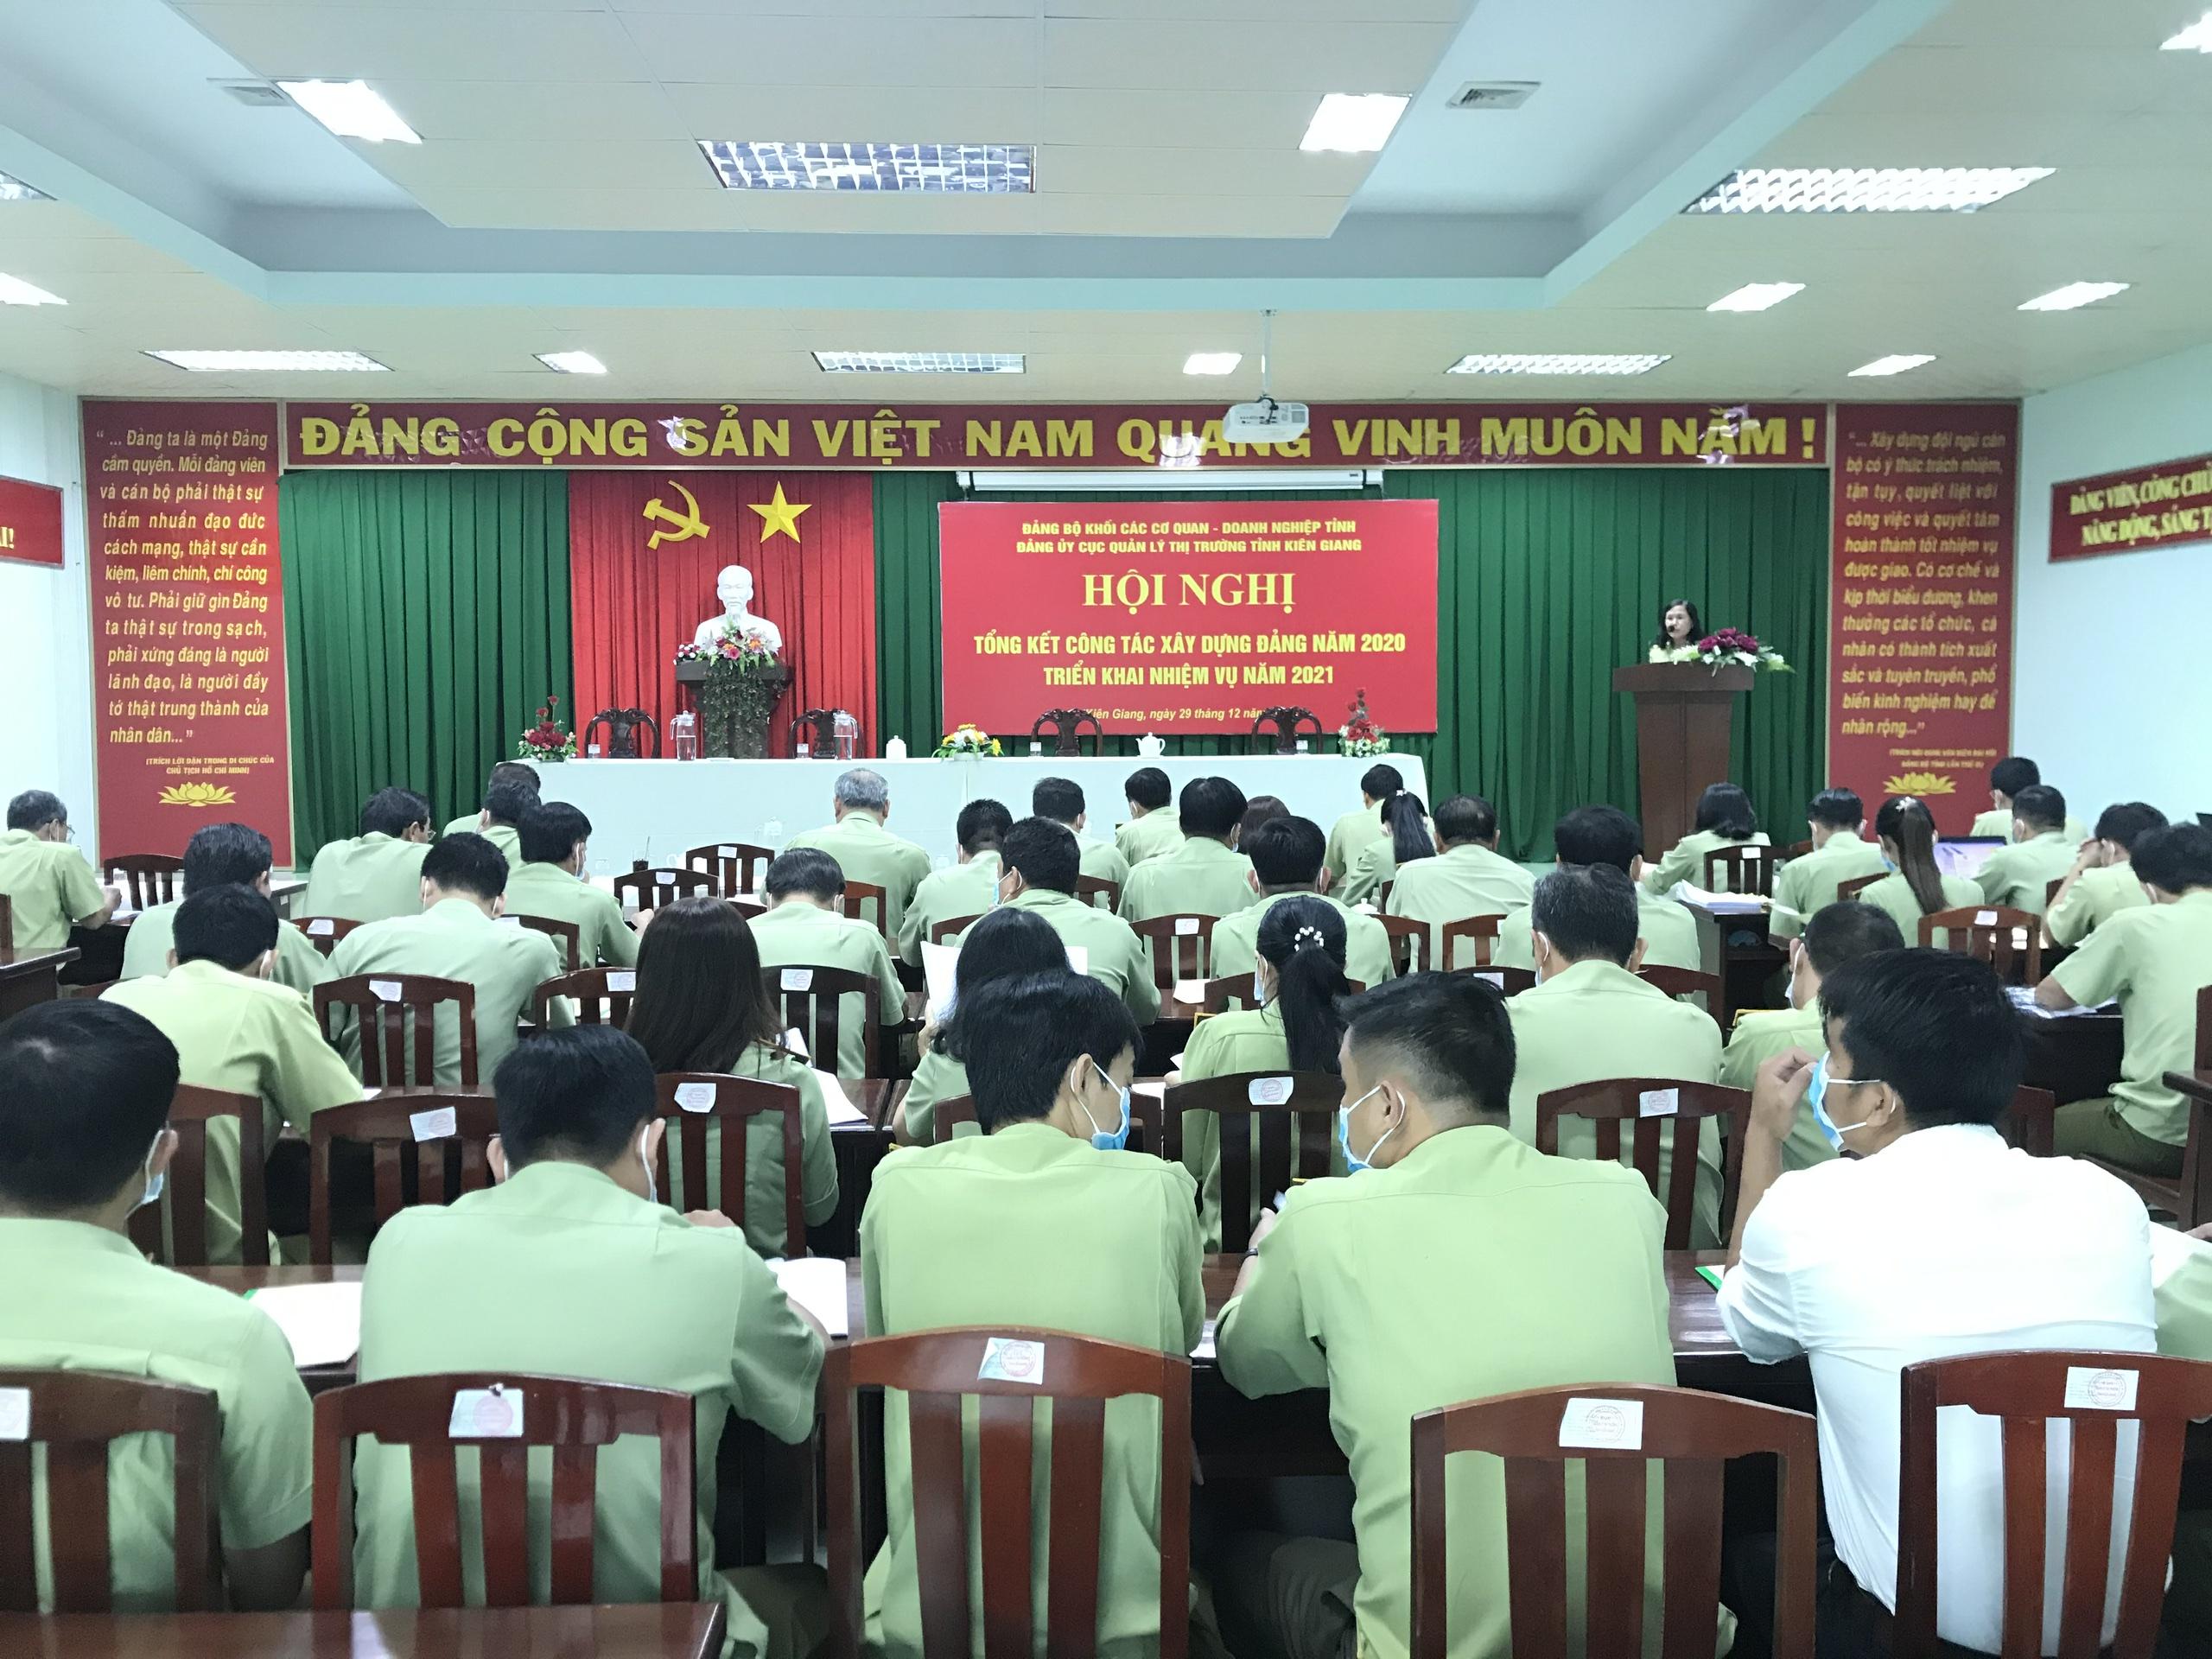 Đảng ủy Cục Quản lý thị trường tỉnh Kiên Giang tổ chức Hội nghị tổng kết công tác xây dựng Đảng năm 2020, triển khai nhiệm vụ năm 2021.